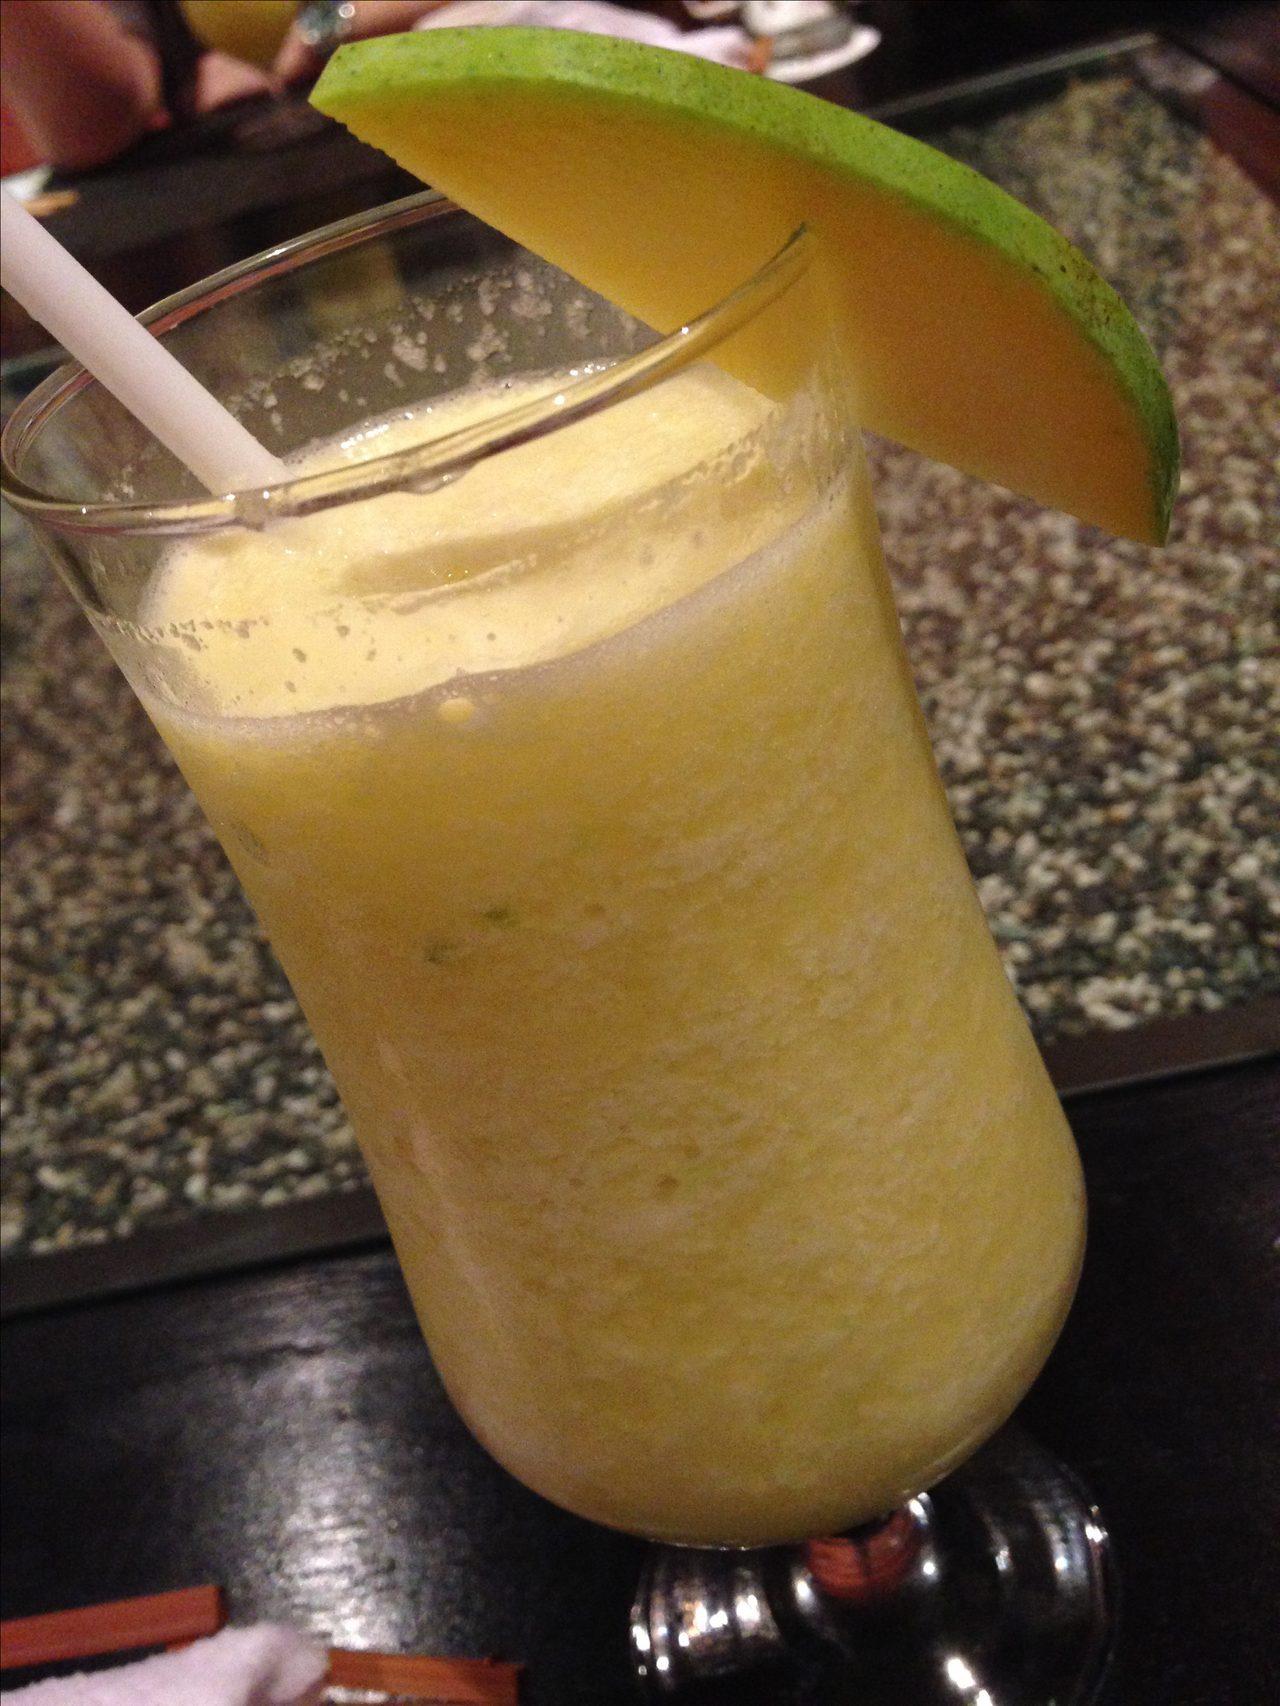 画像3: 【フィリピンのグリーンマンゴーシェイクが美味しすぎる件】